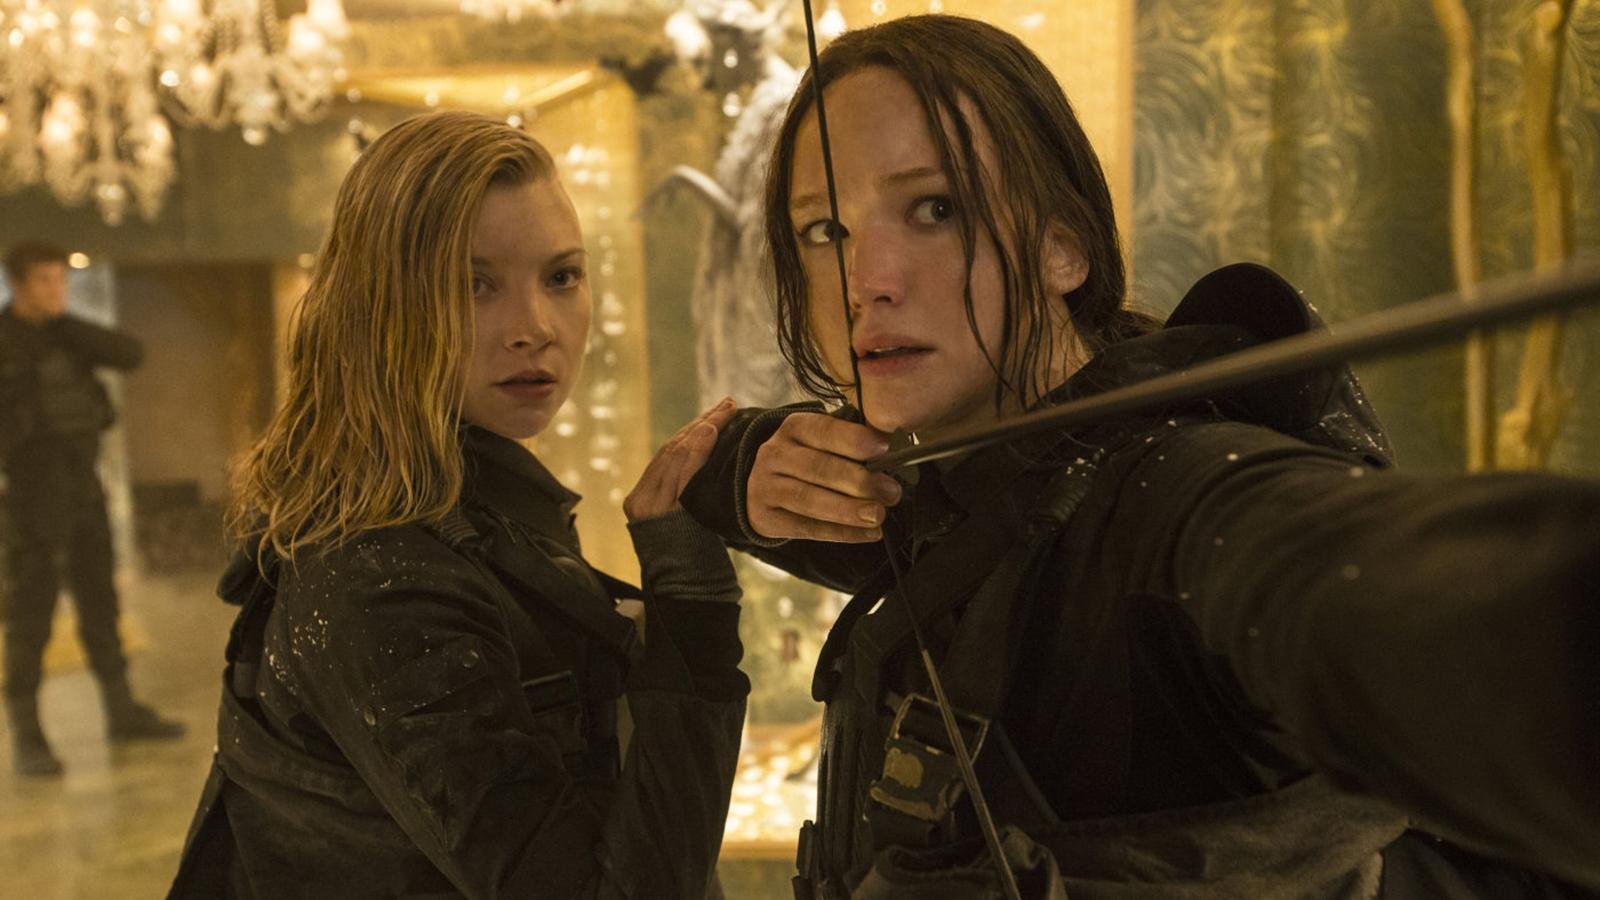 A lány a 12. körzetből, aki feláldozza magát, hogy húgát megmentse az aktuális évi viadaltól. Végül túléli a játékokat, közben a Snow elnökkel szembeni lázadás élére áll, és így lesz a szabadság és a remény szimbóluma is. (Moviestore Collection/Shutterstock)